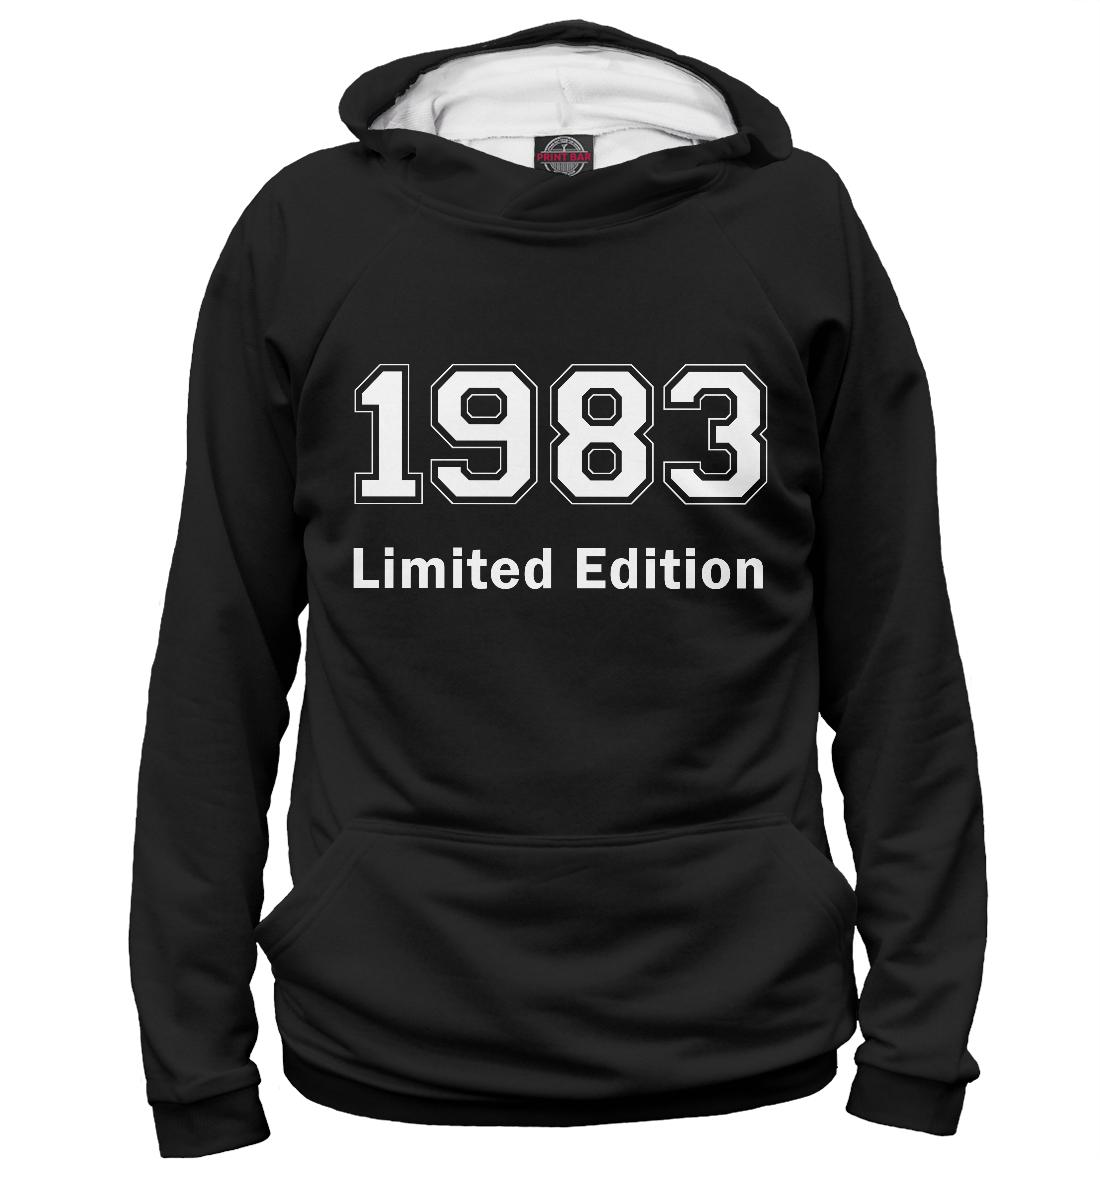 Купить Limited Edition, Printbar, Худи, DVT-958541-hud-2